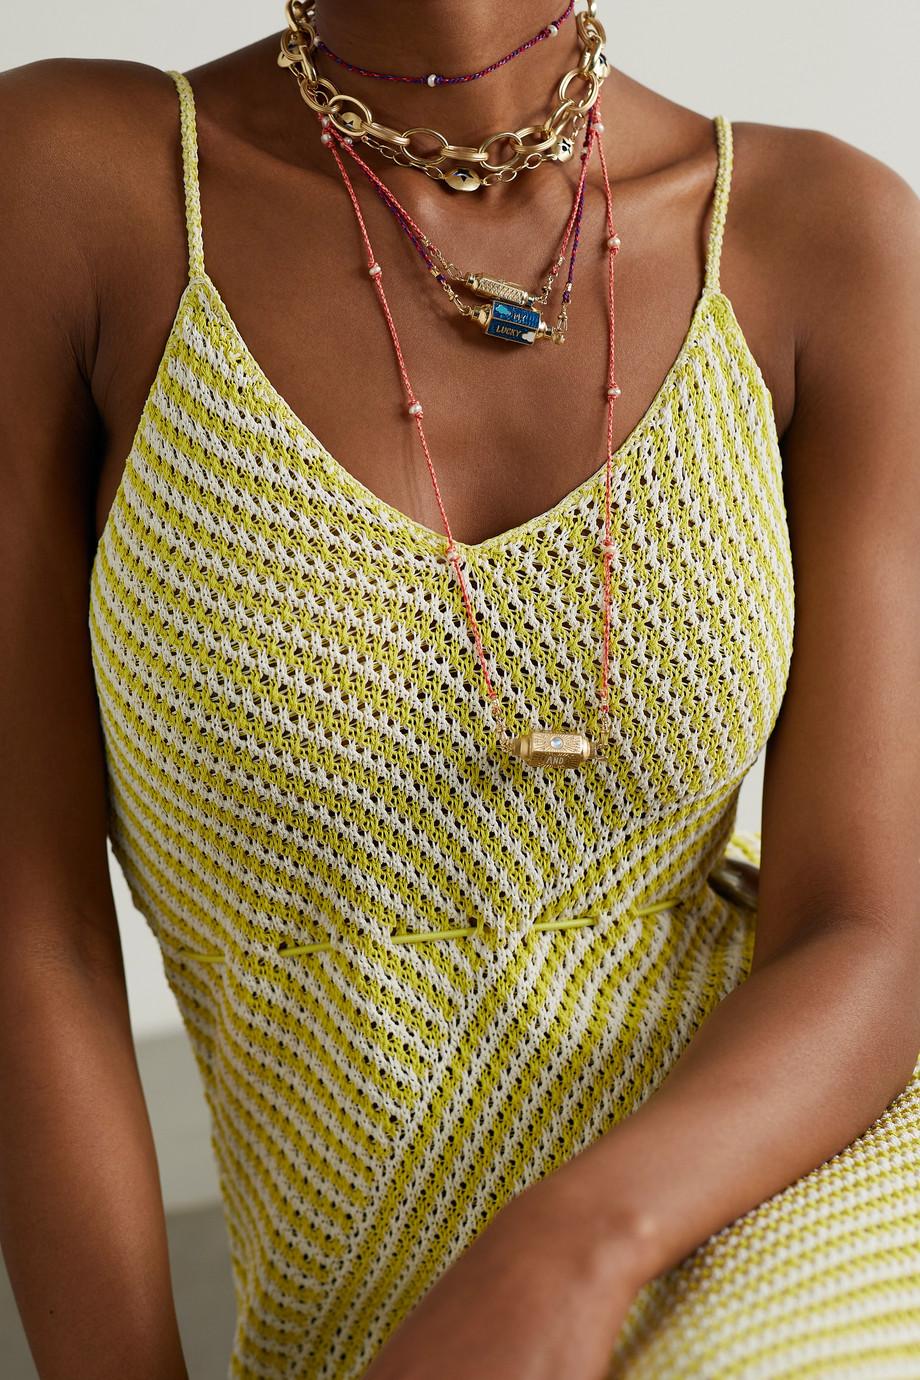 Marie Lichtenberg Lucky Star Clouds Kette mit Details aus 14 Karat Gold, Emaille, Perlen und Diamanten